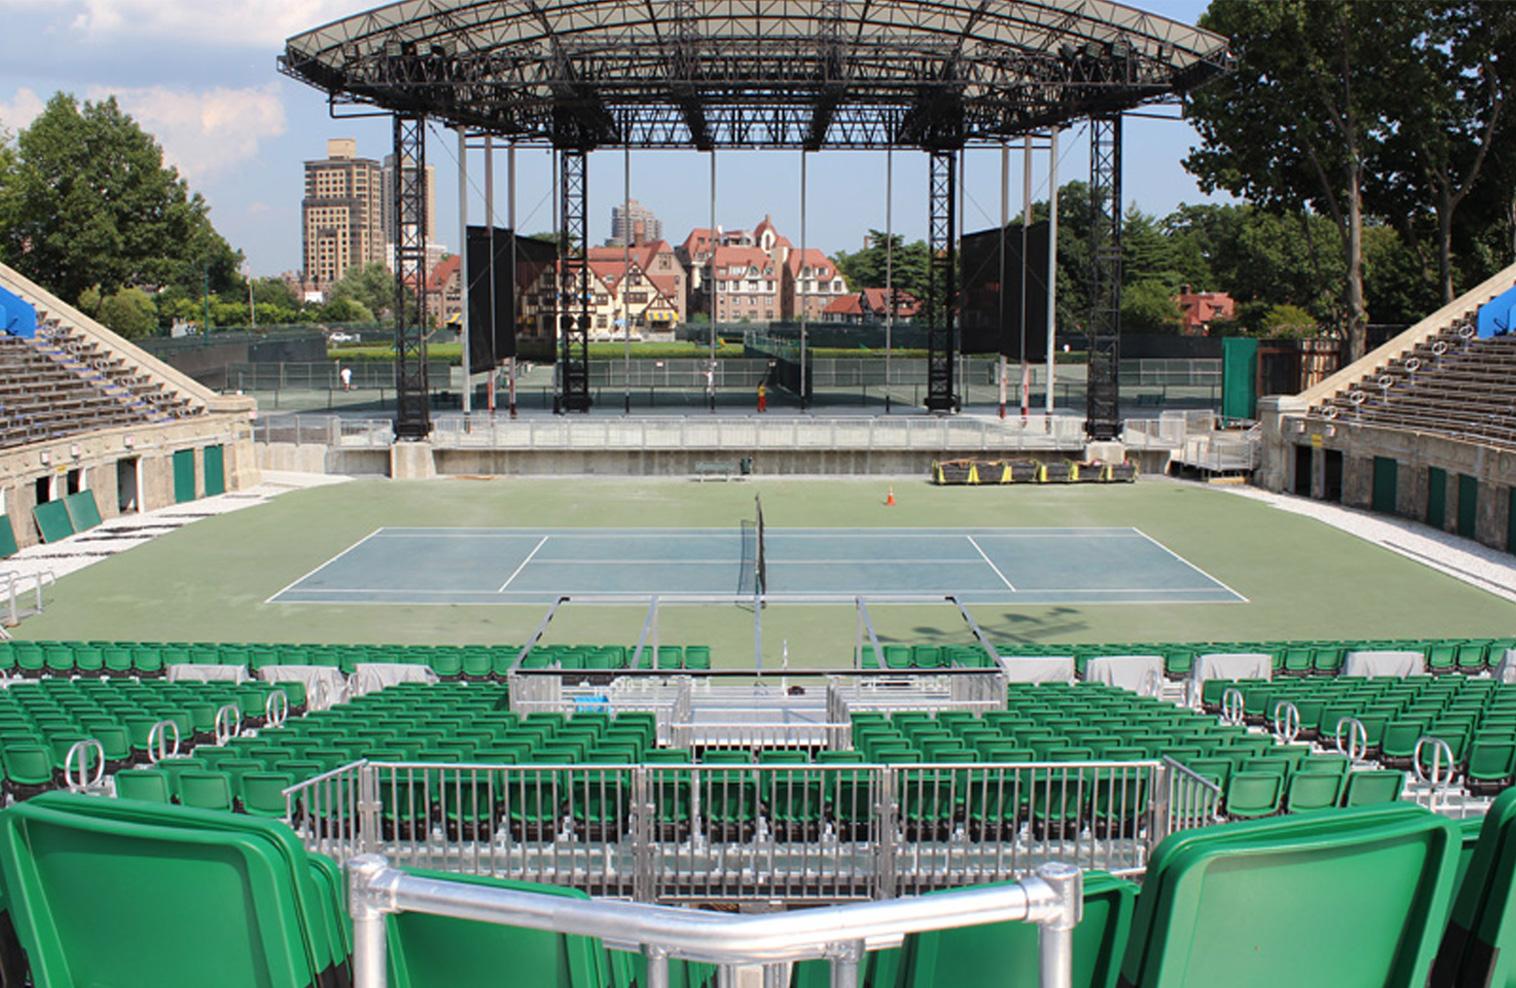 westside-tennis-forrest-hills-stadium-gal1